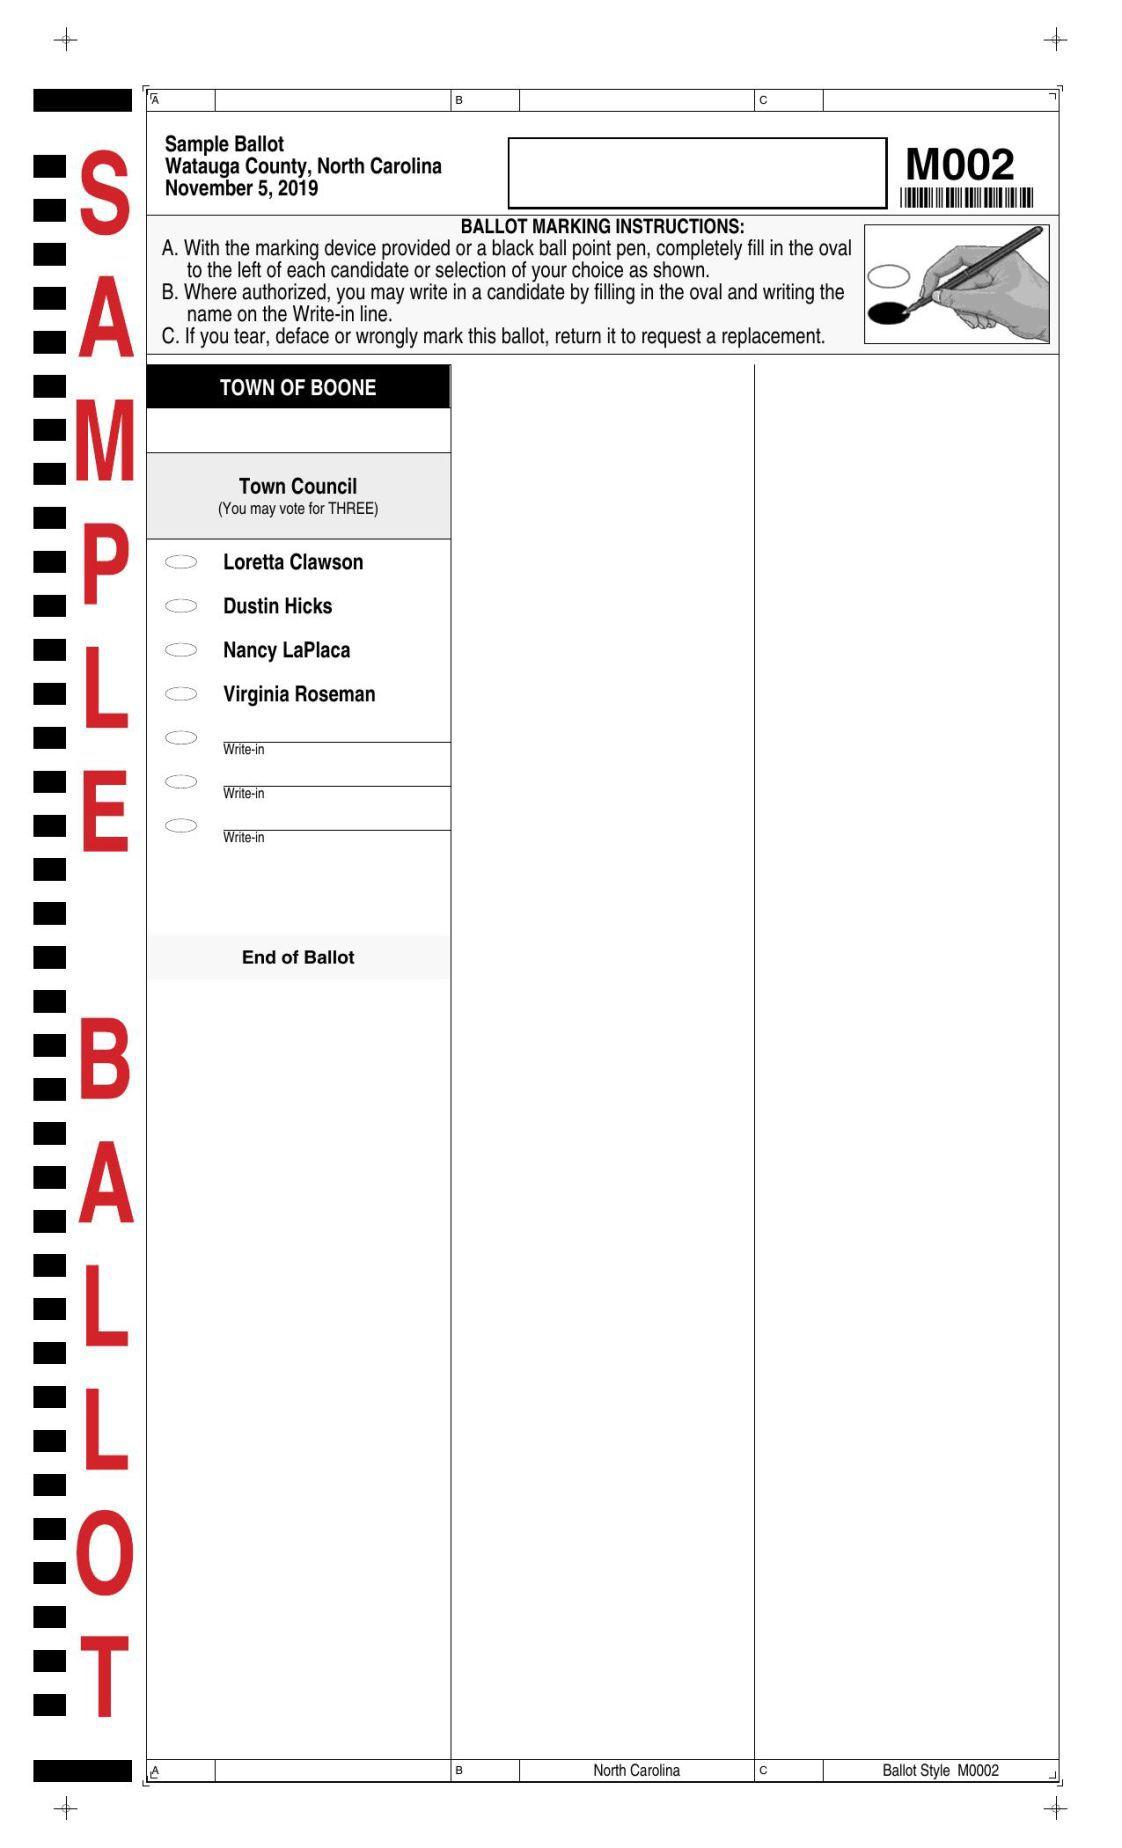 2019 Boone sample ballot